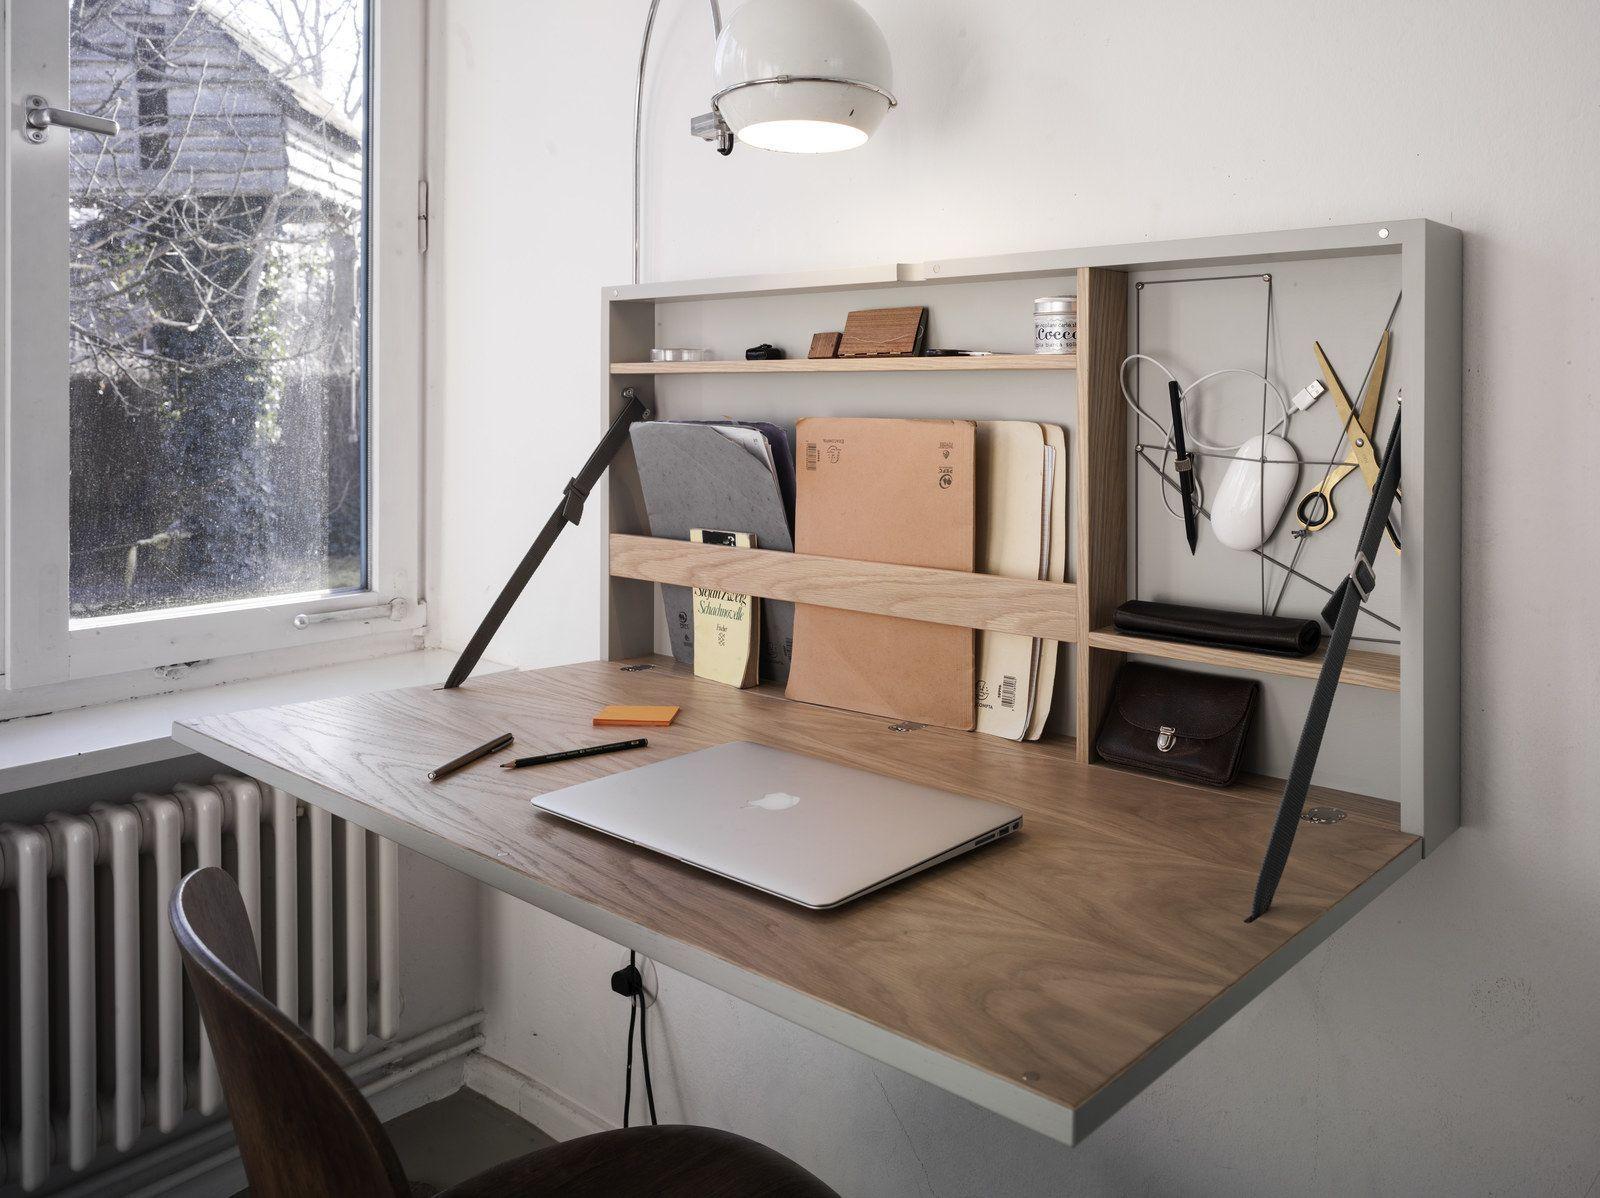 23 Grossartige Einrichtungs Ideen Fur Kleine Raume Io Net Dekor In 2020 Einrichtungsideen Fur Kleine Raume Schreibtische Fur Kleine Raume Kleine Wohnung